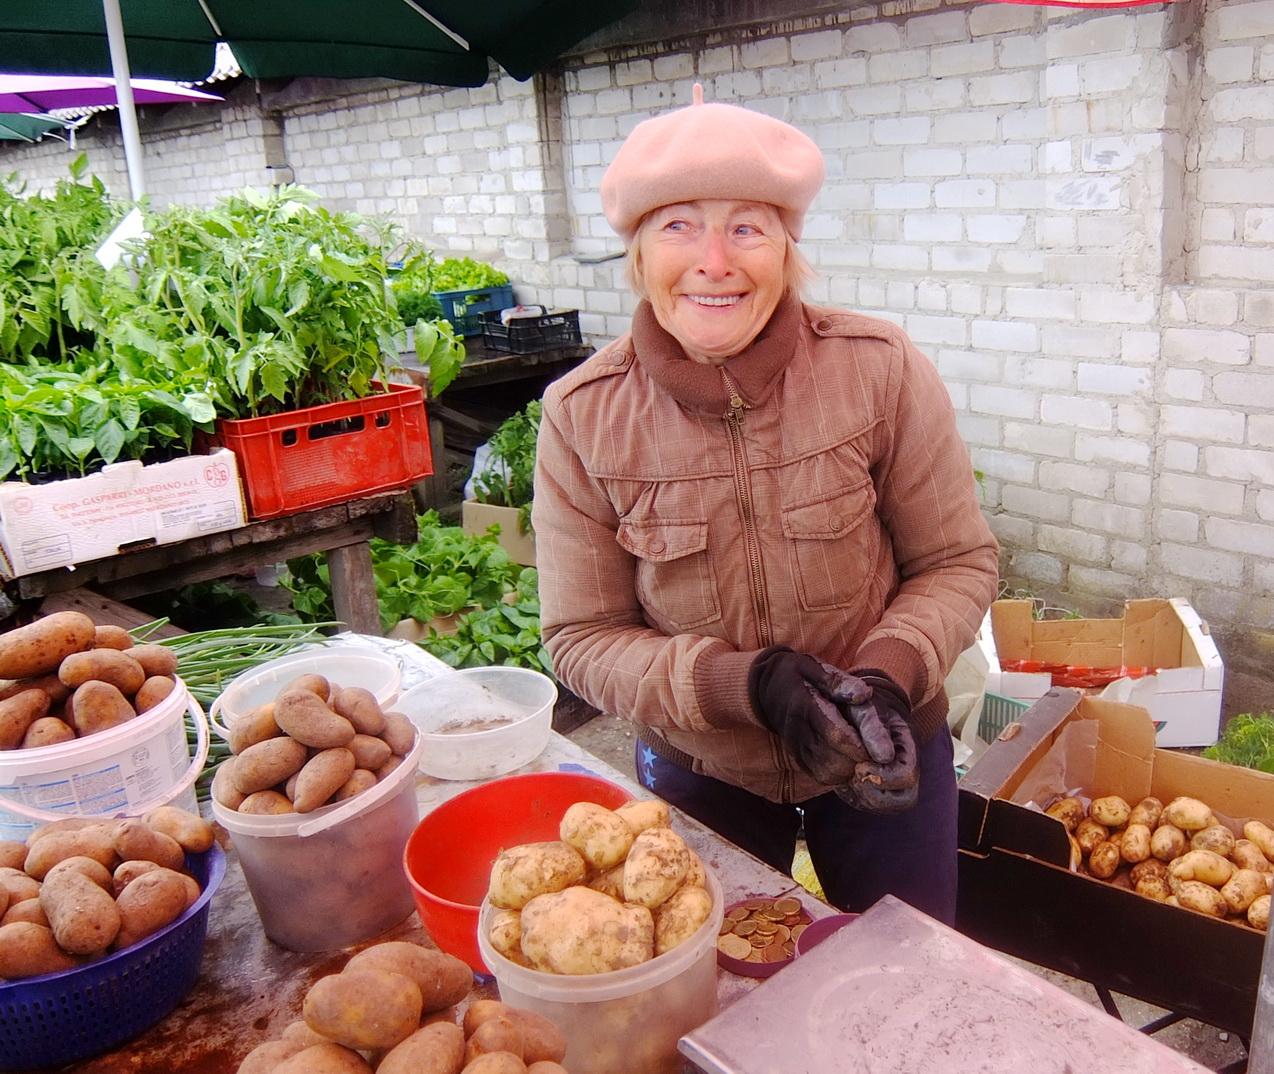 Janina Capienė iš Rusnės Šilutės turguje jau pardavinėja šių metų derliaus bulves.